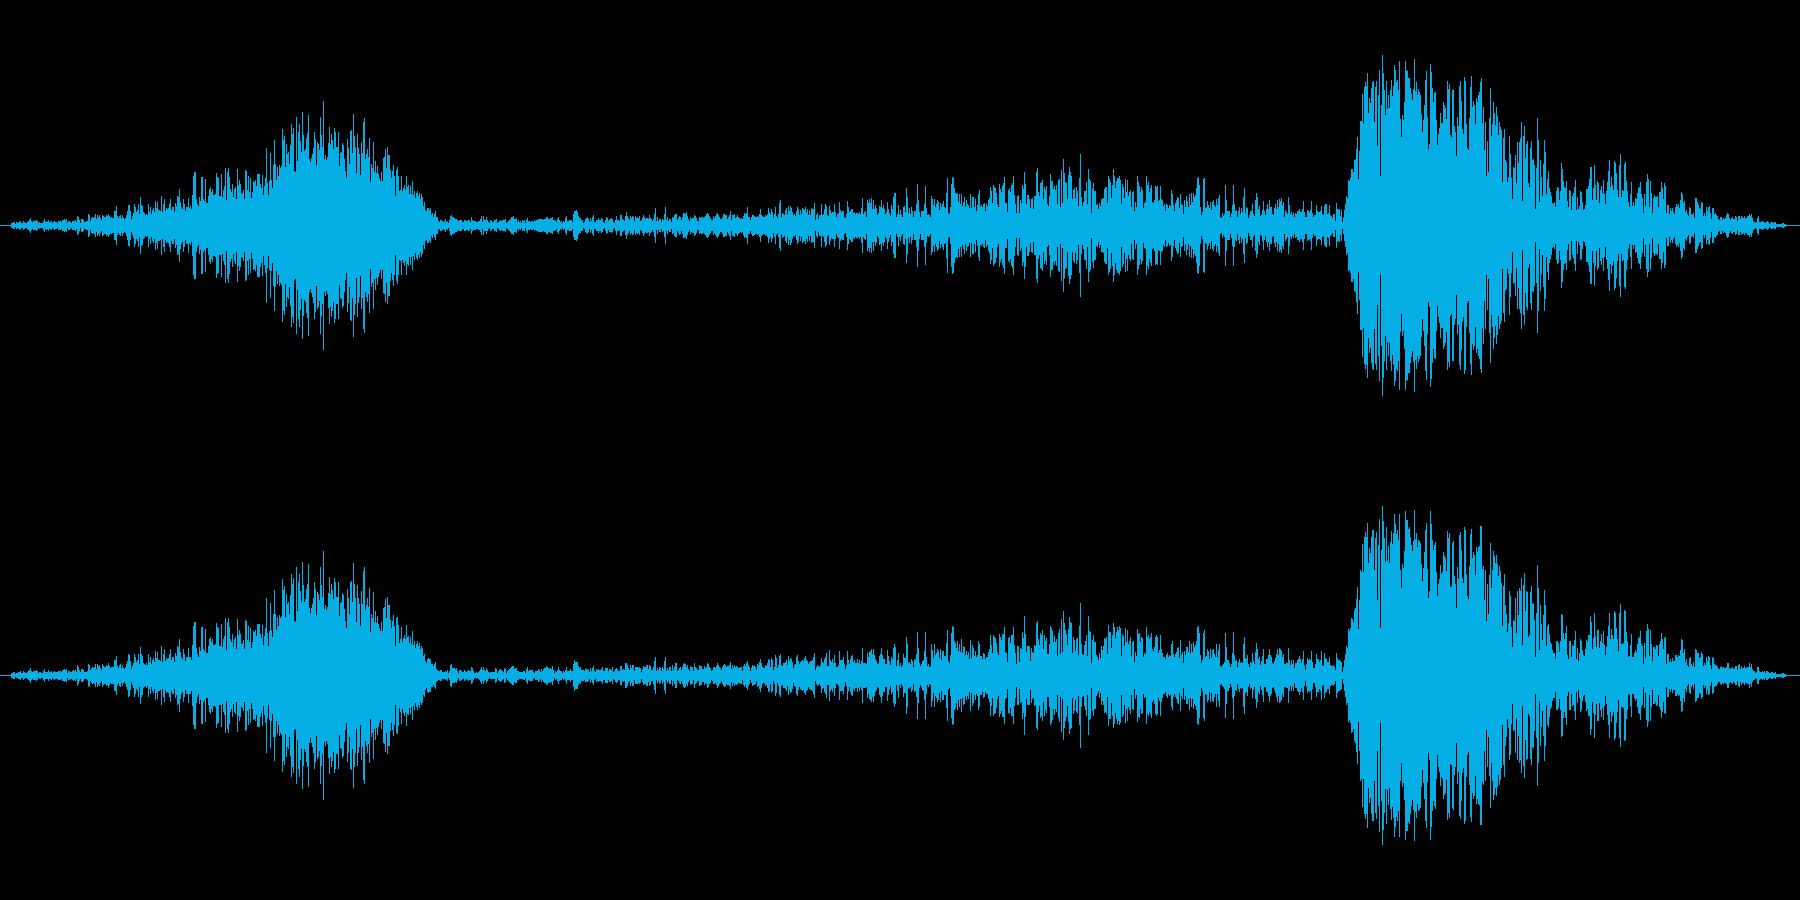 しゅー、がしゃ、どんの再生済みの波形